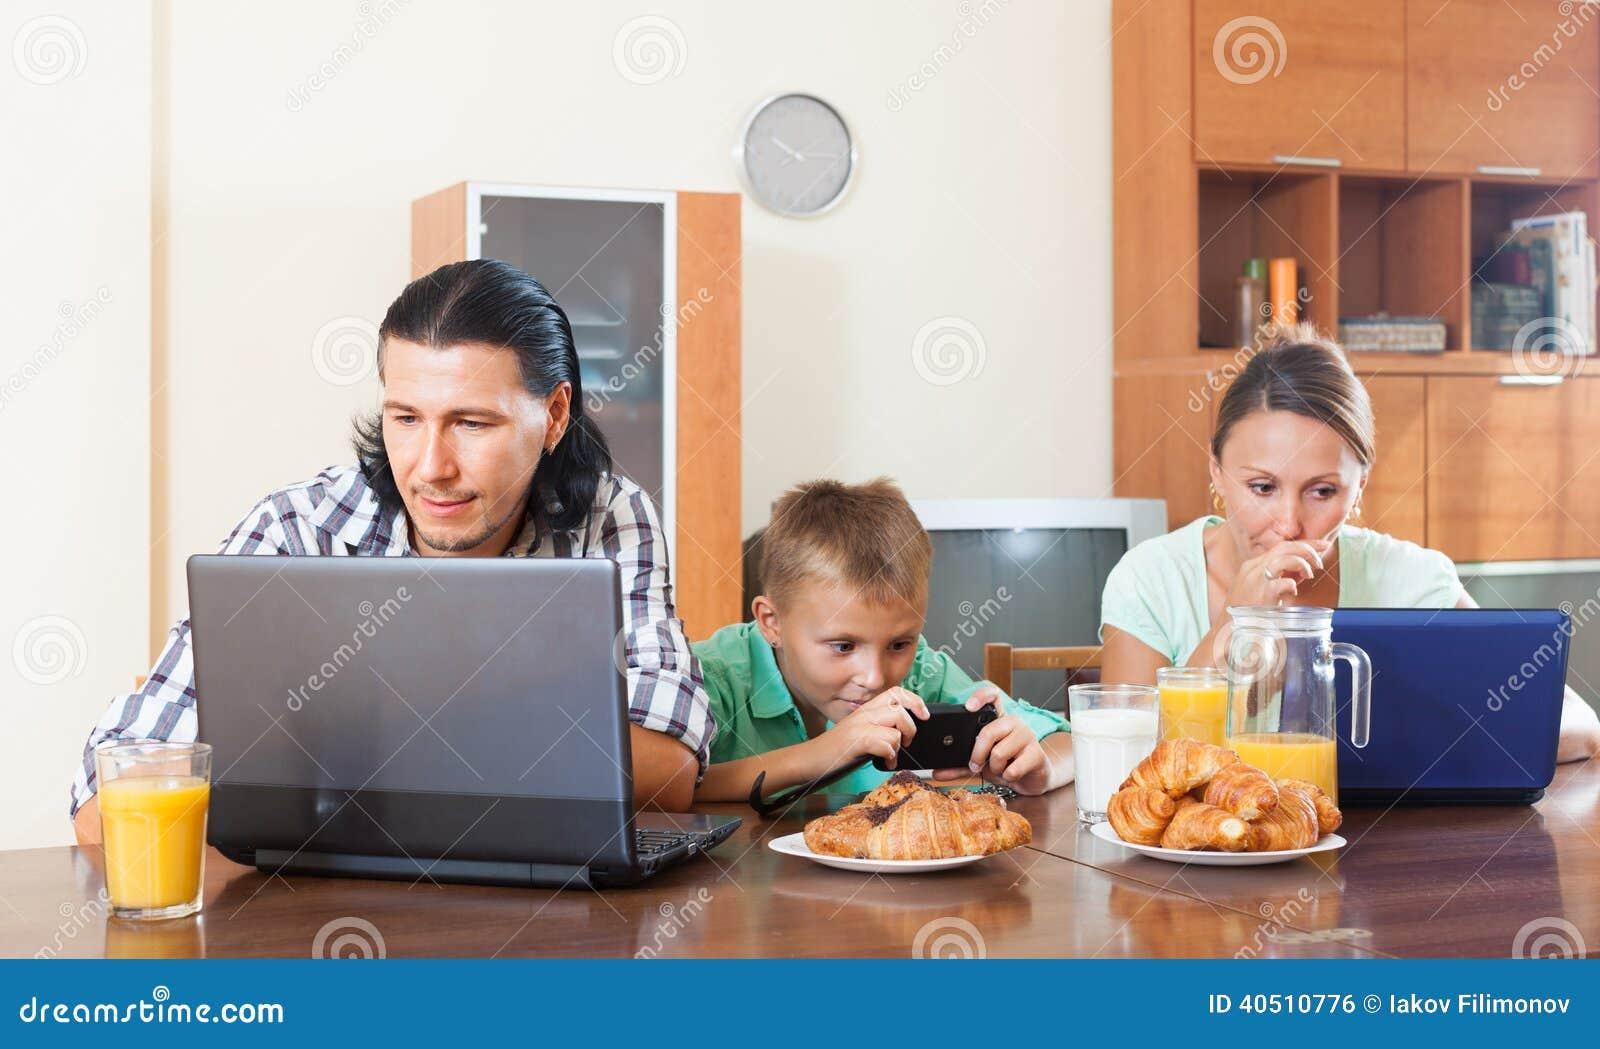 Используя приборы во время завтрака